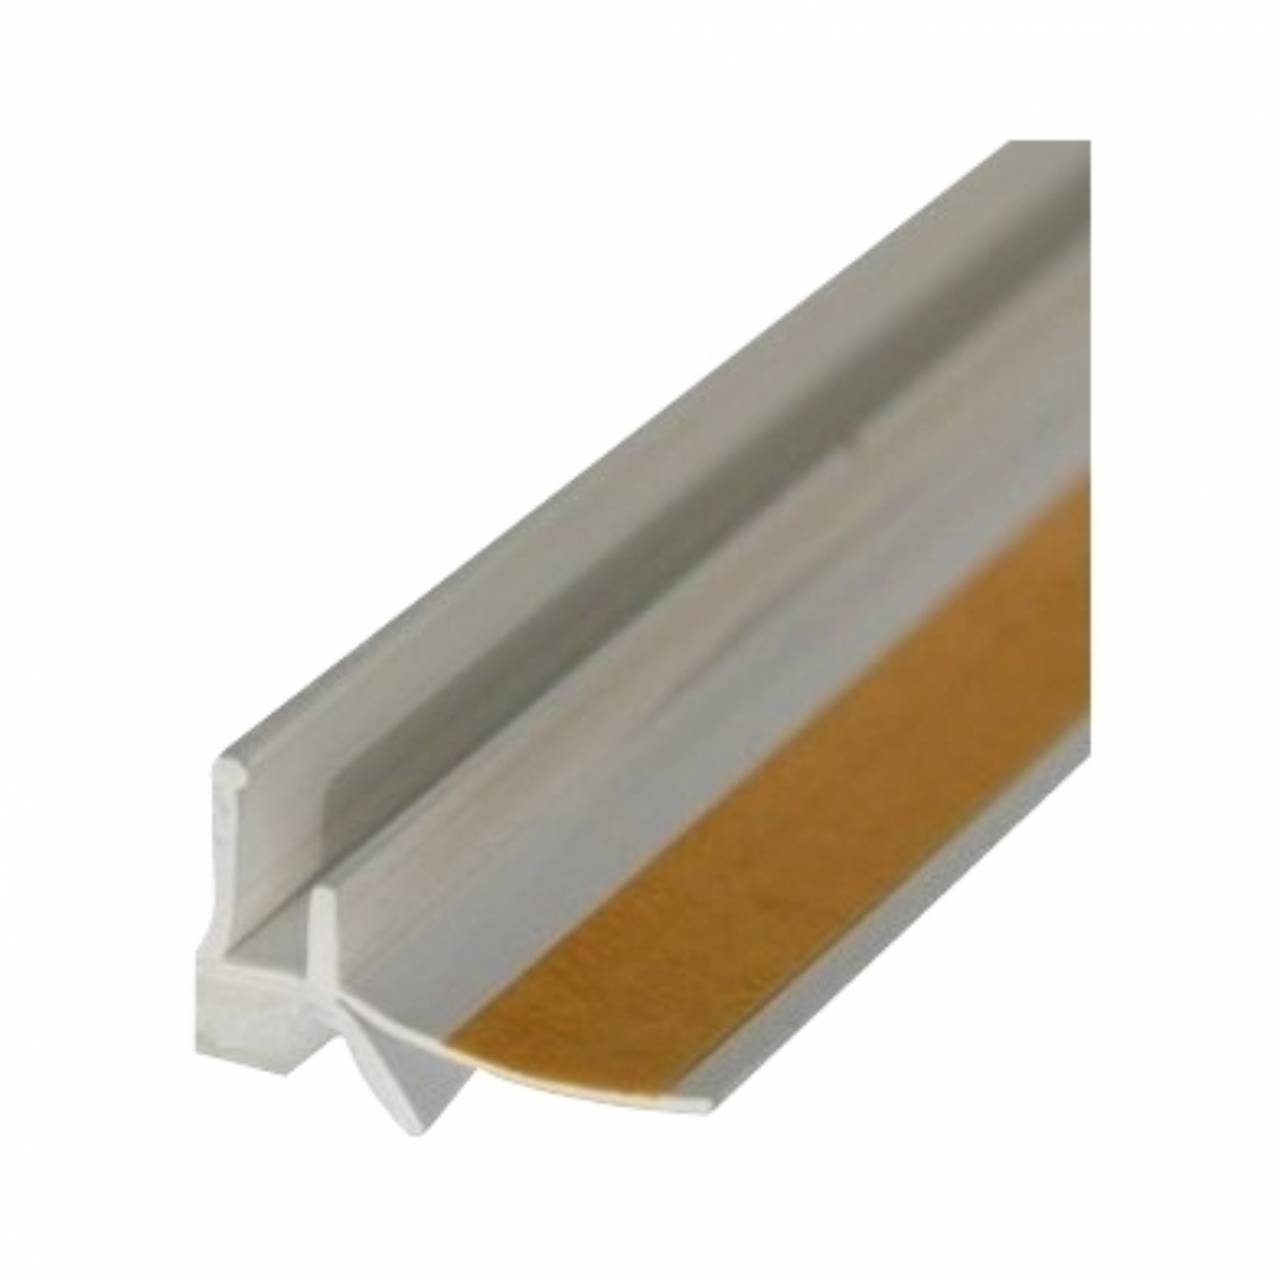 Anputzleiste 9 mm +Lippe / Krt a 30 Stäbe x 2,4 m